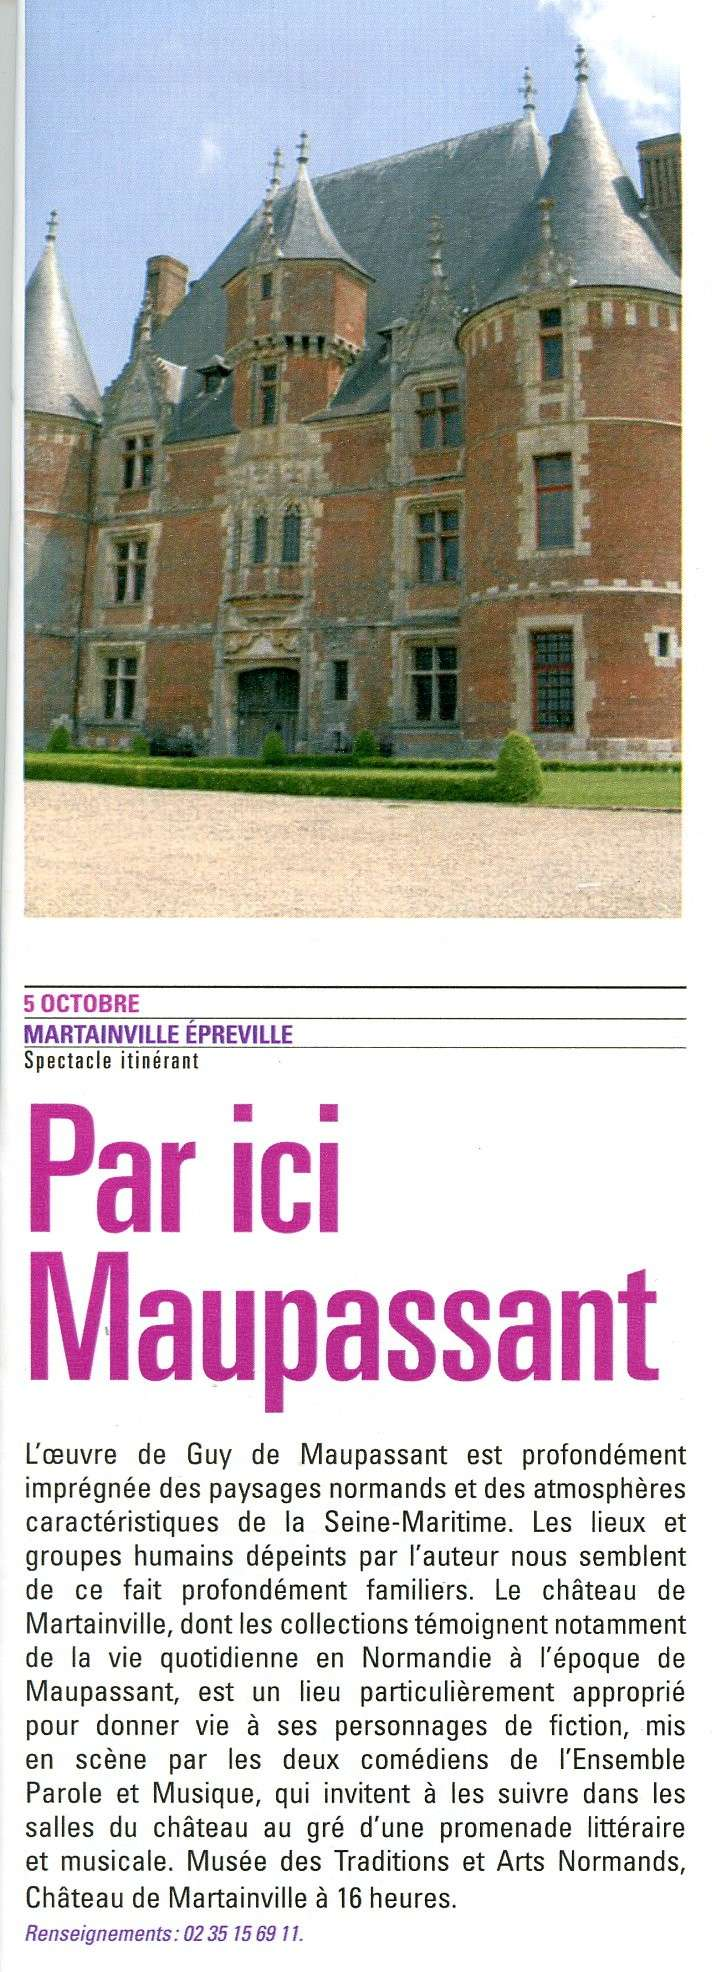 Martainville Epreville - Par ici Maupassant Martai10